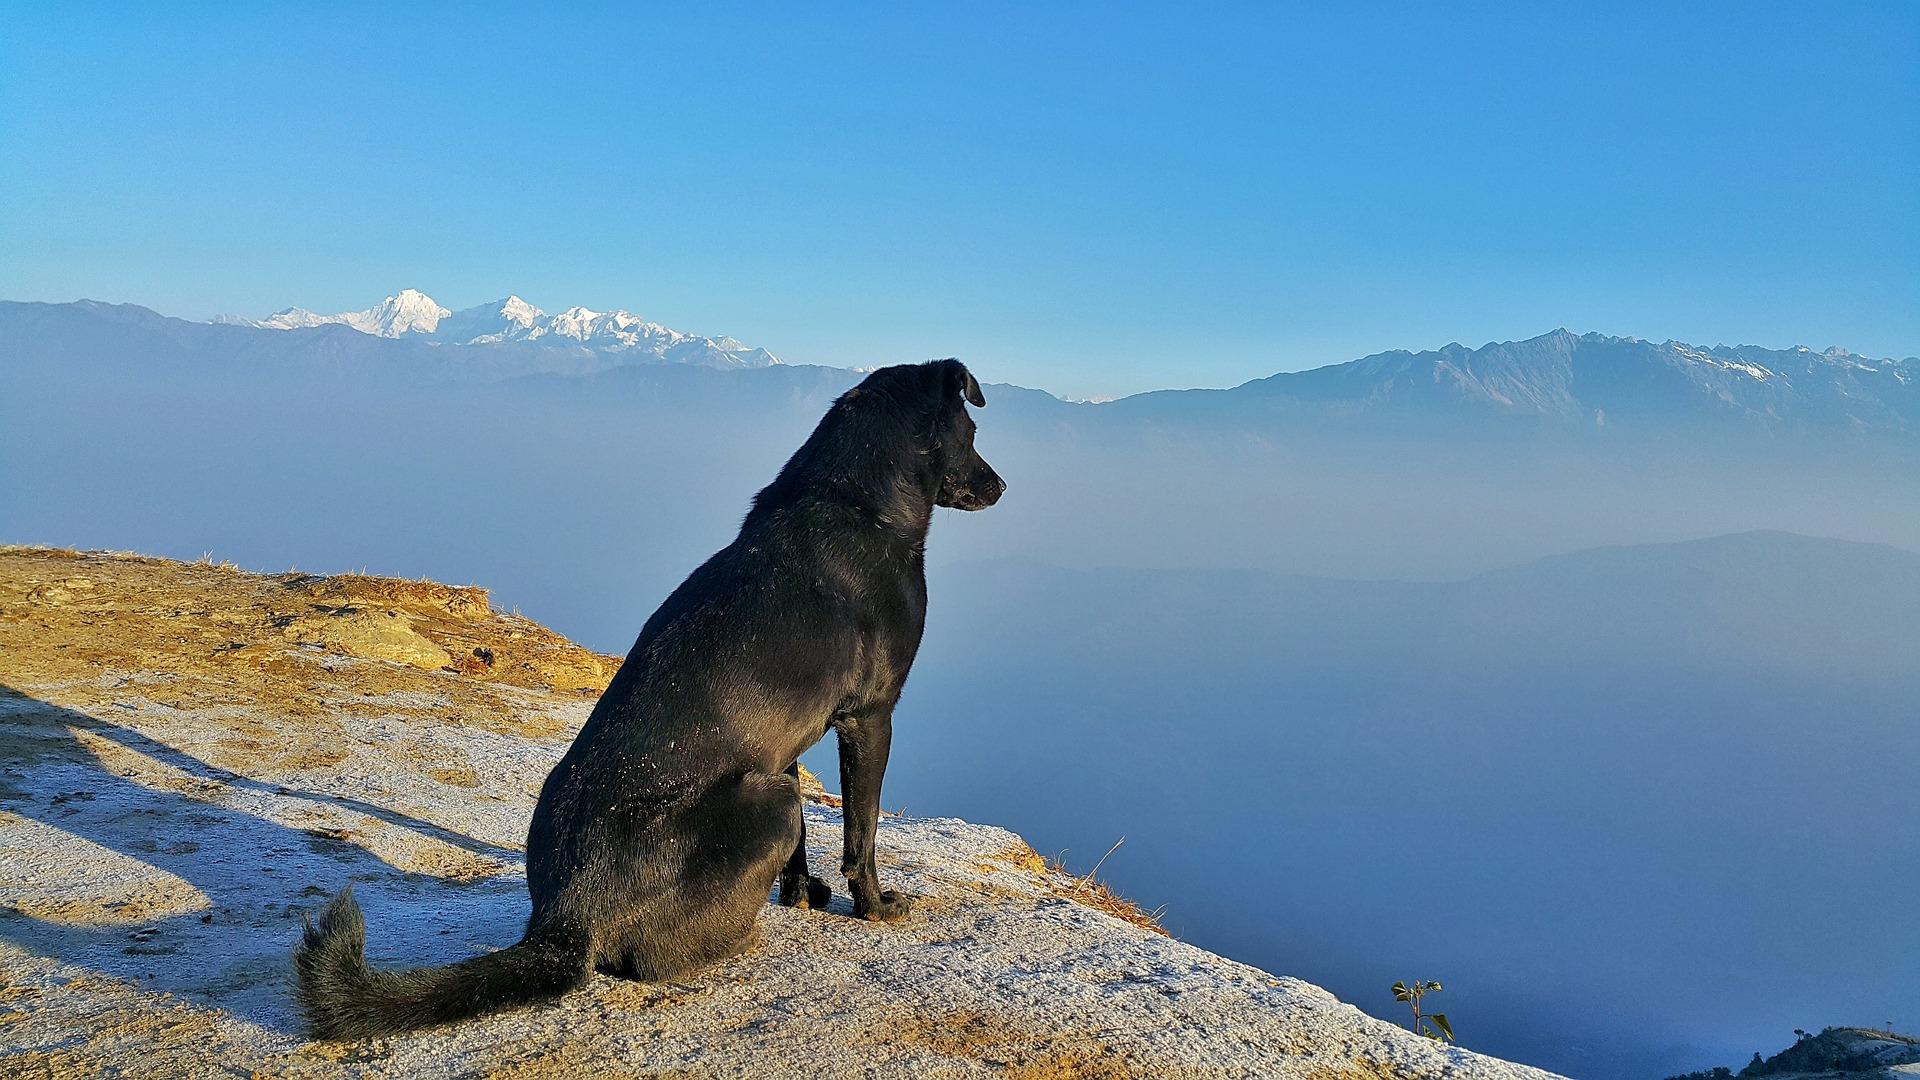 Comment savoir si son chien manque d'exercice ? - Sans